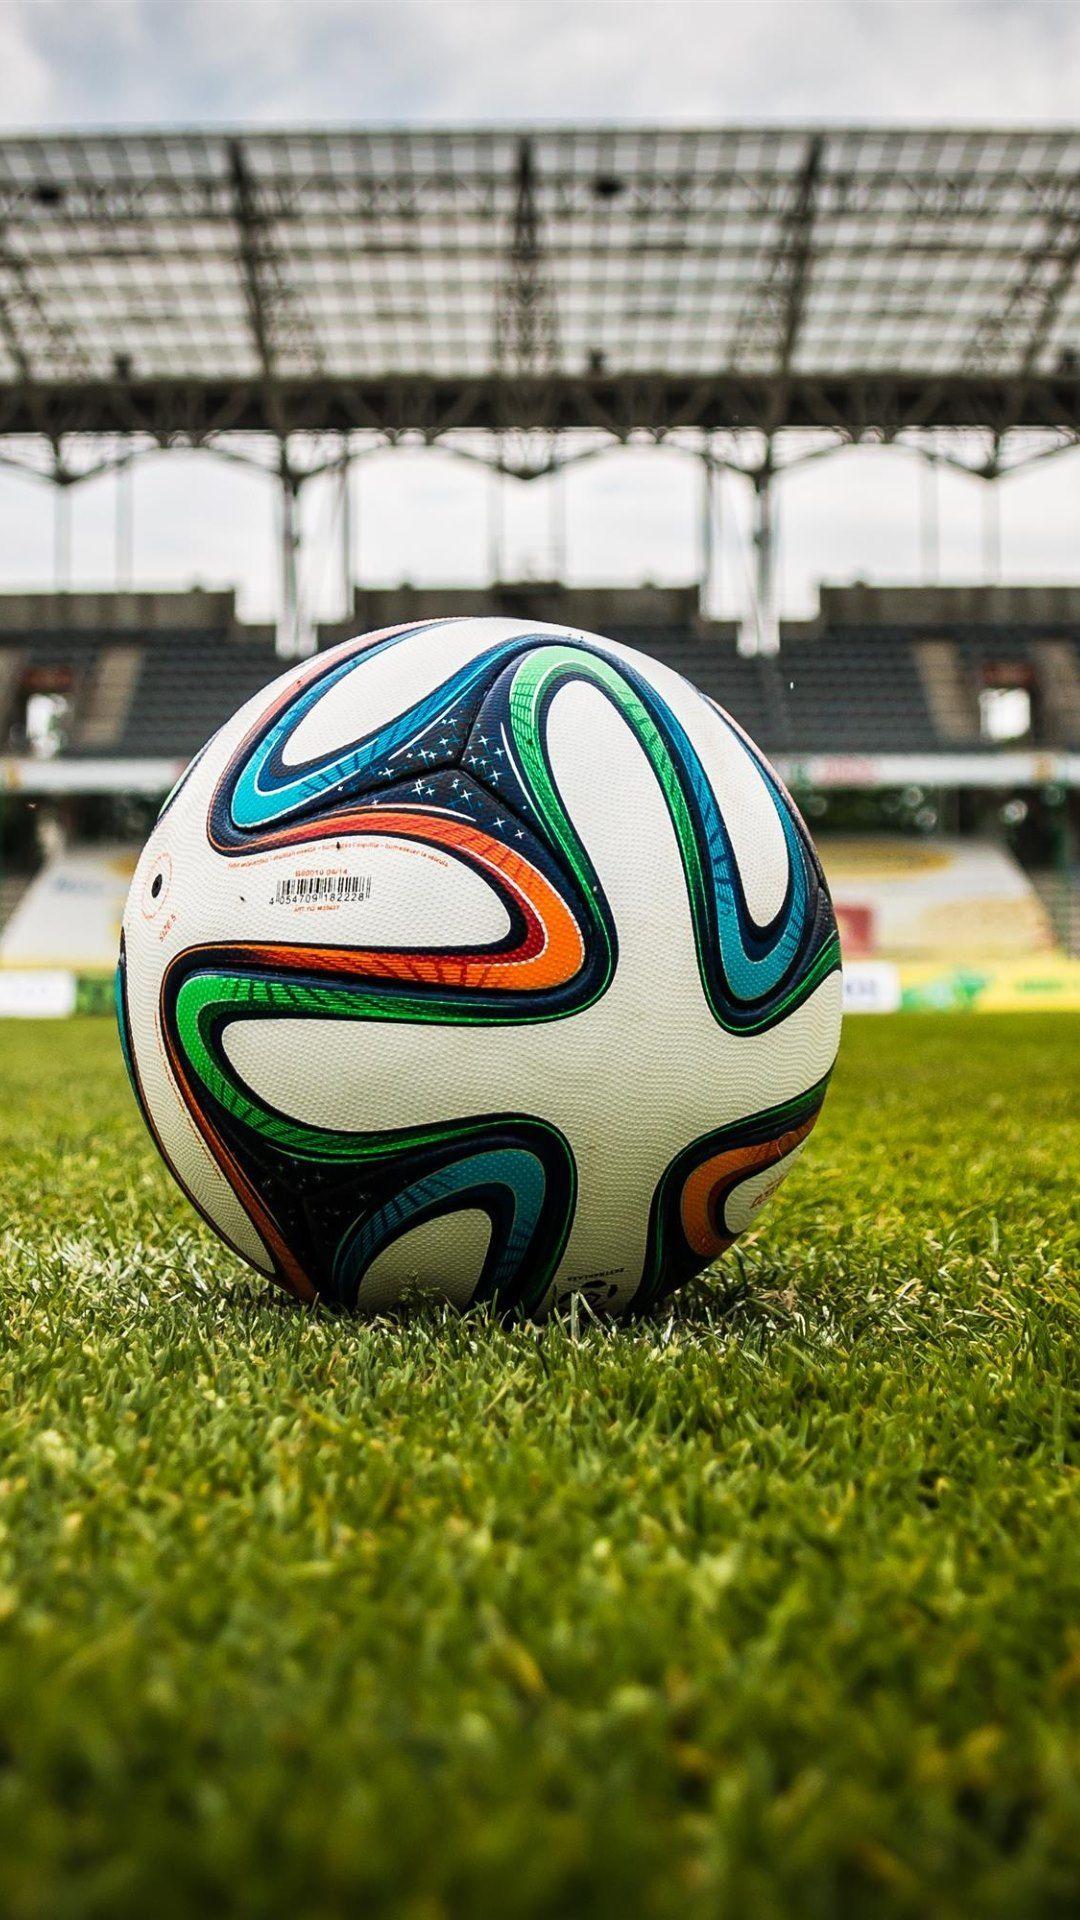 Iphone Wallpaper Soccer Soccer Ball Soccer Football Fever